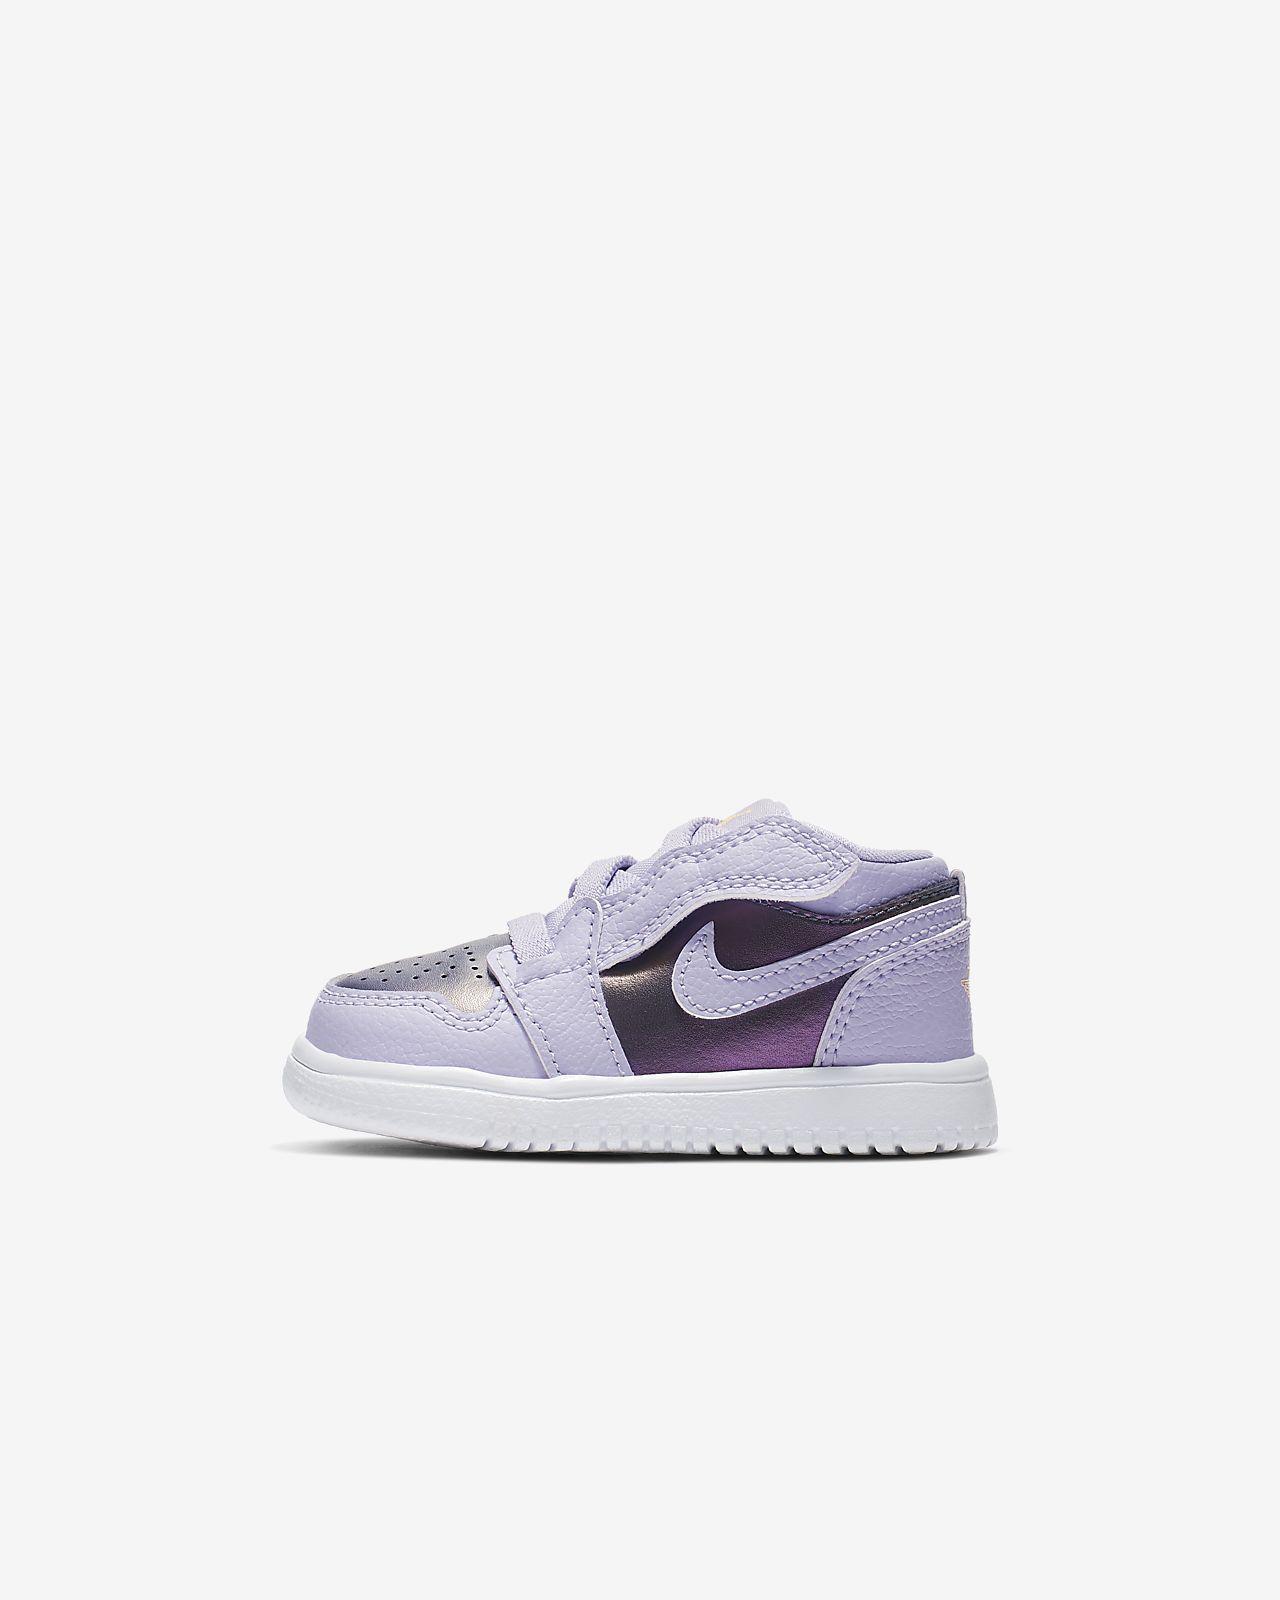 Jordan 1 Low Alt (TD) 婴童运动童鞋